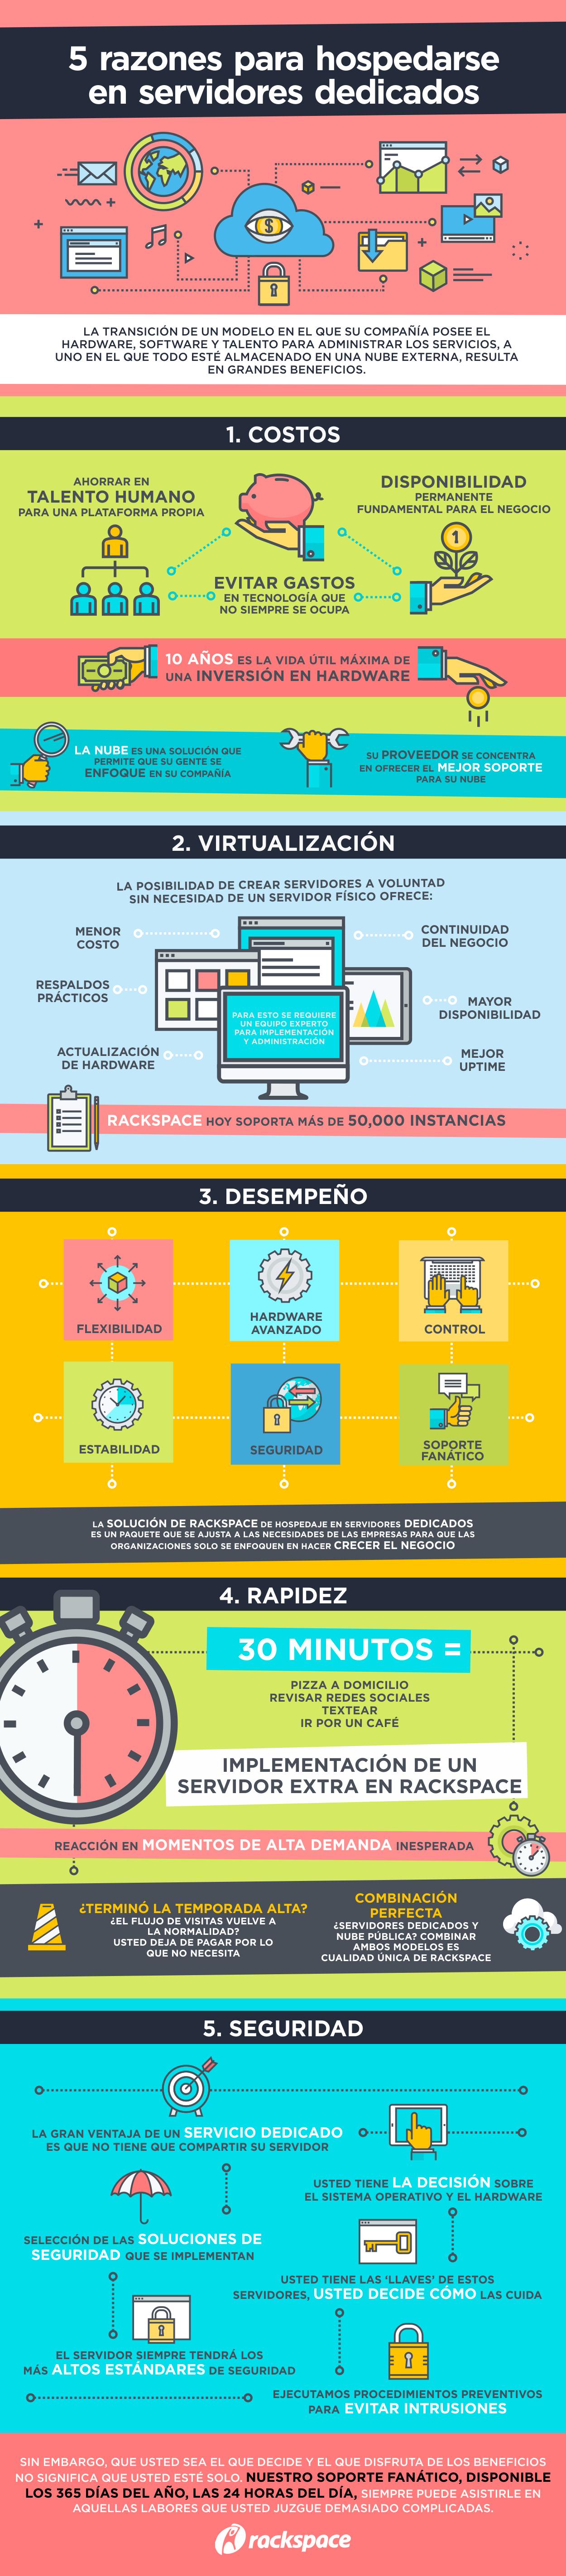 5-razones-para-hospedarse-en-servidores-dedicados-rackspace-servidores-dedicados-web-hosting